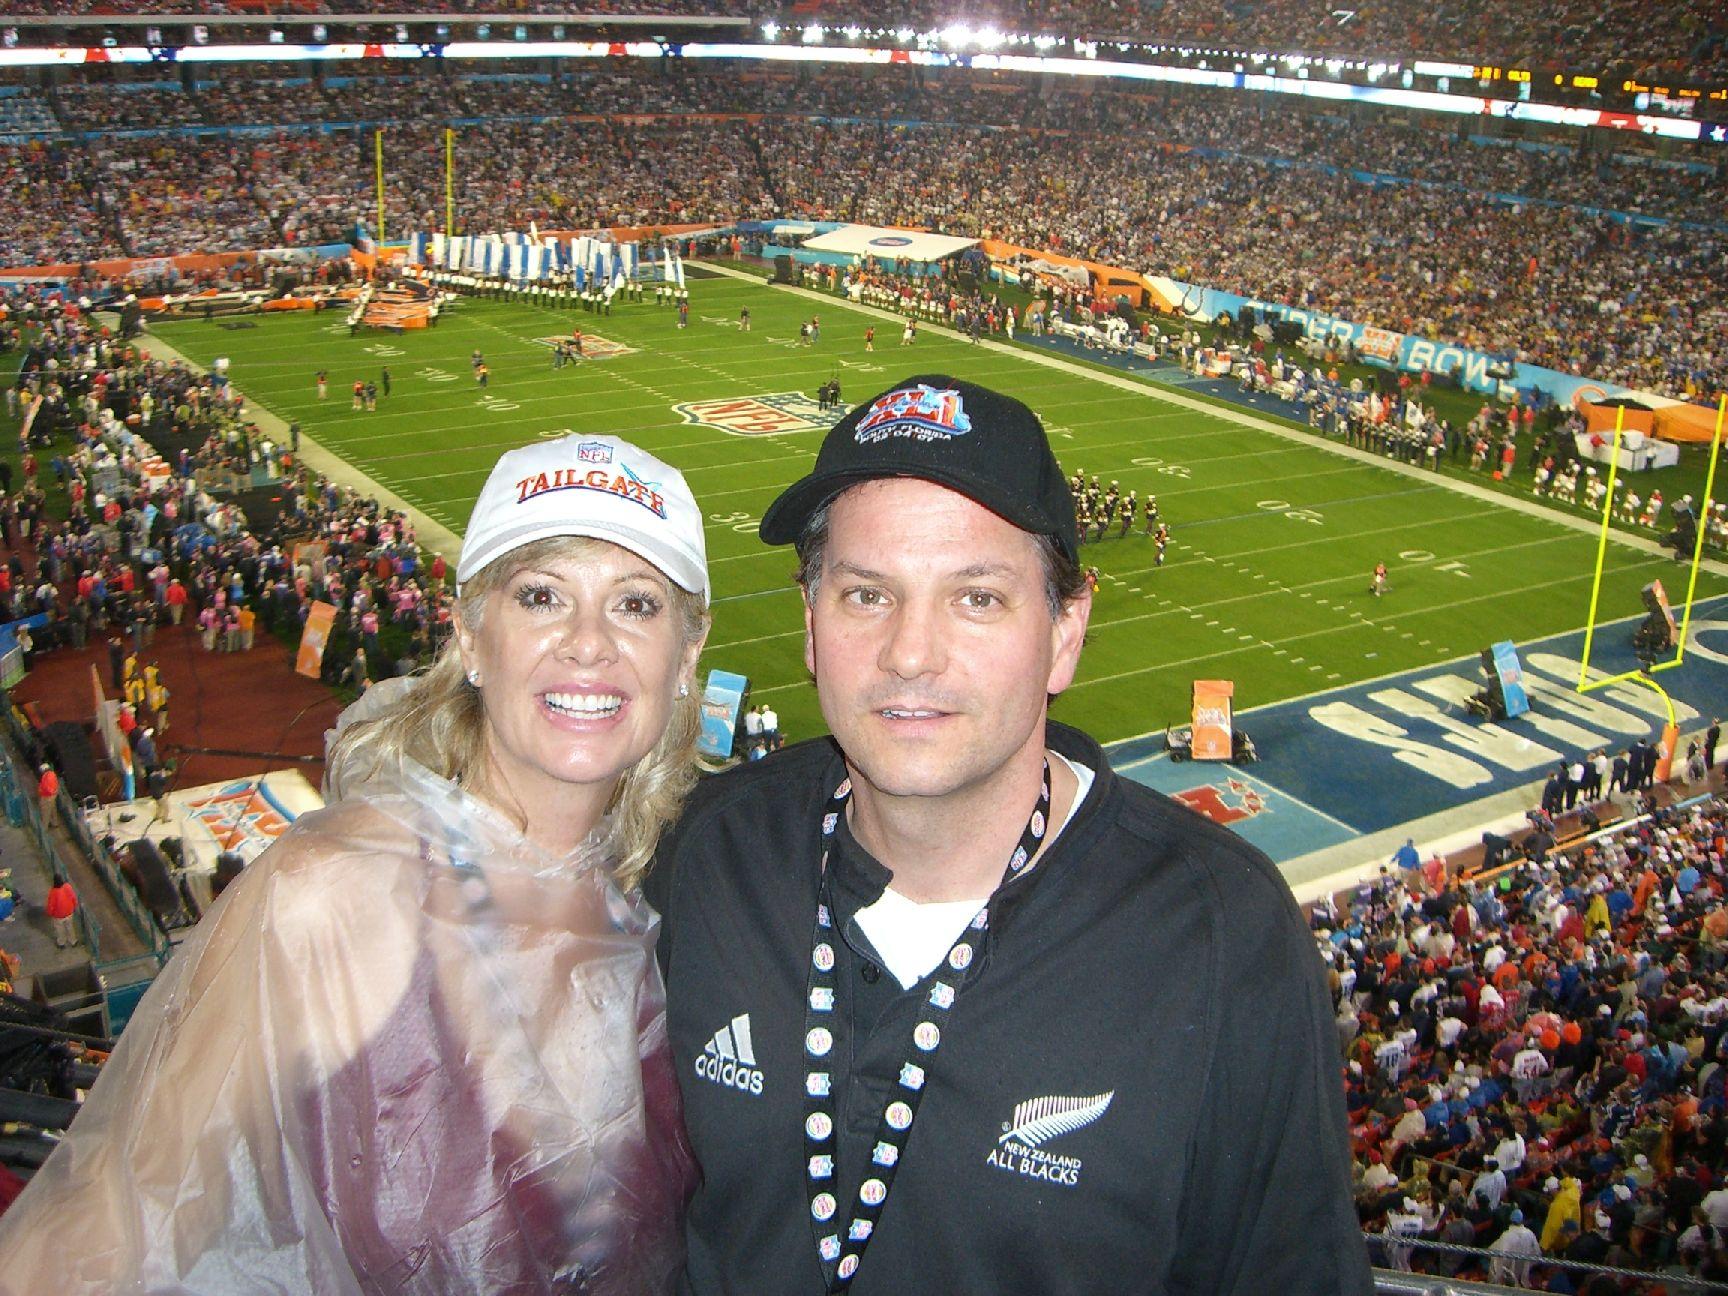 Us at the Super Bowl